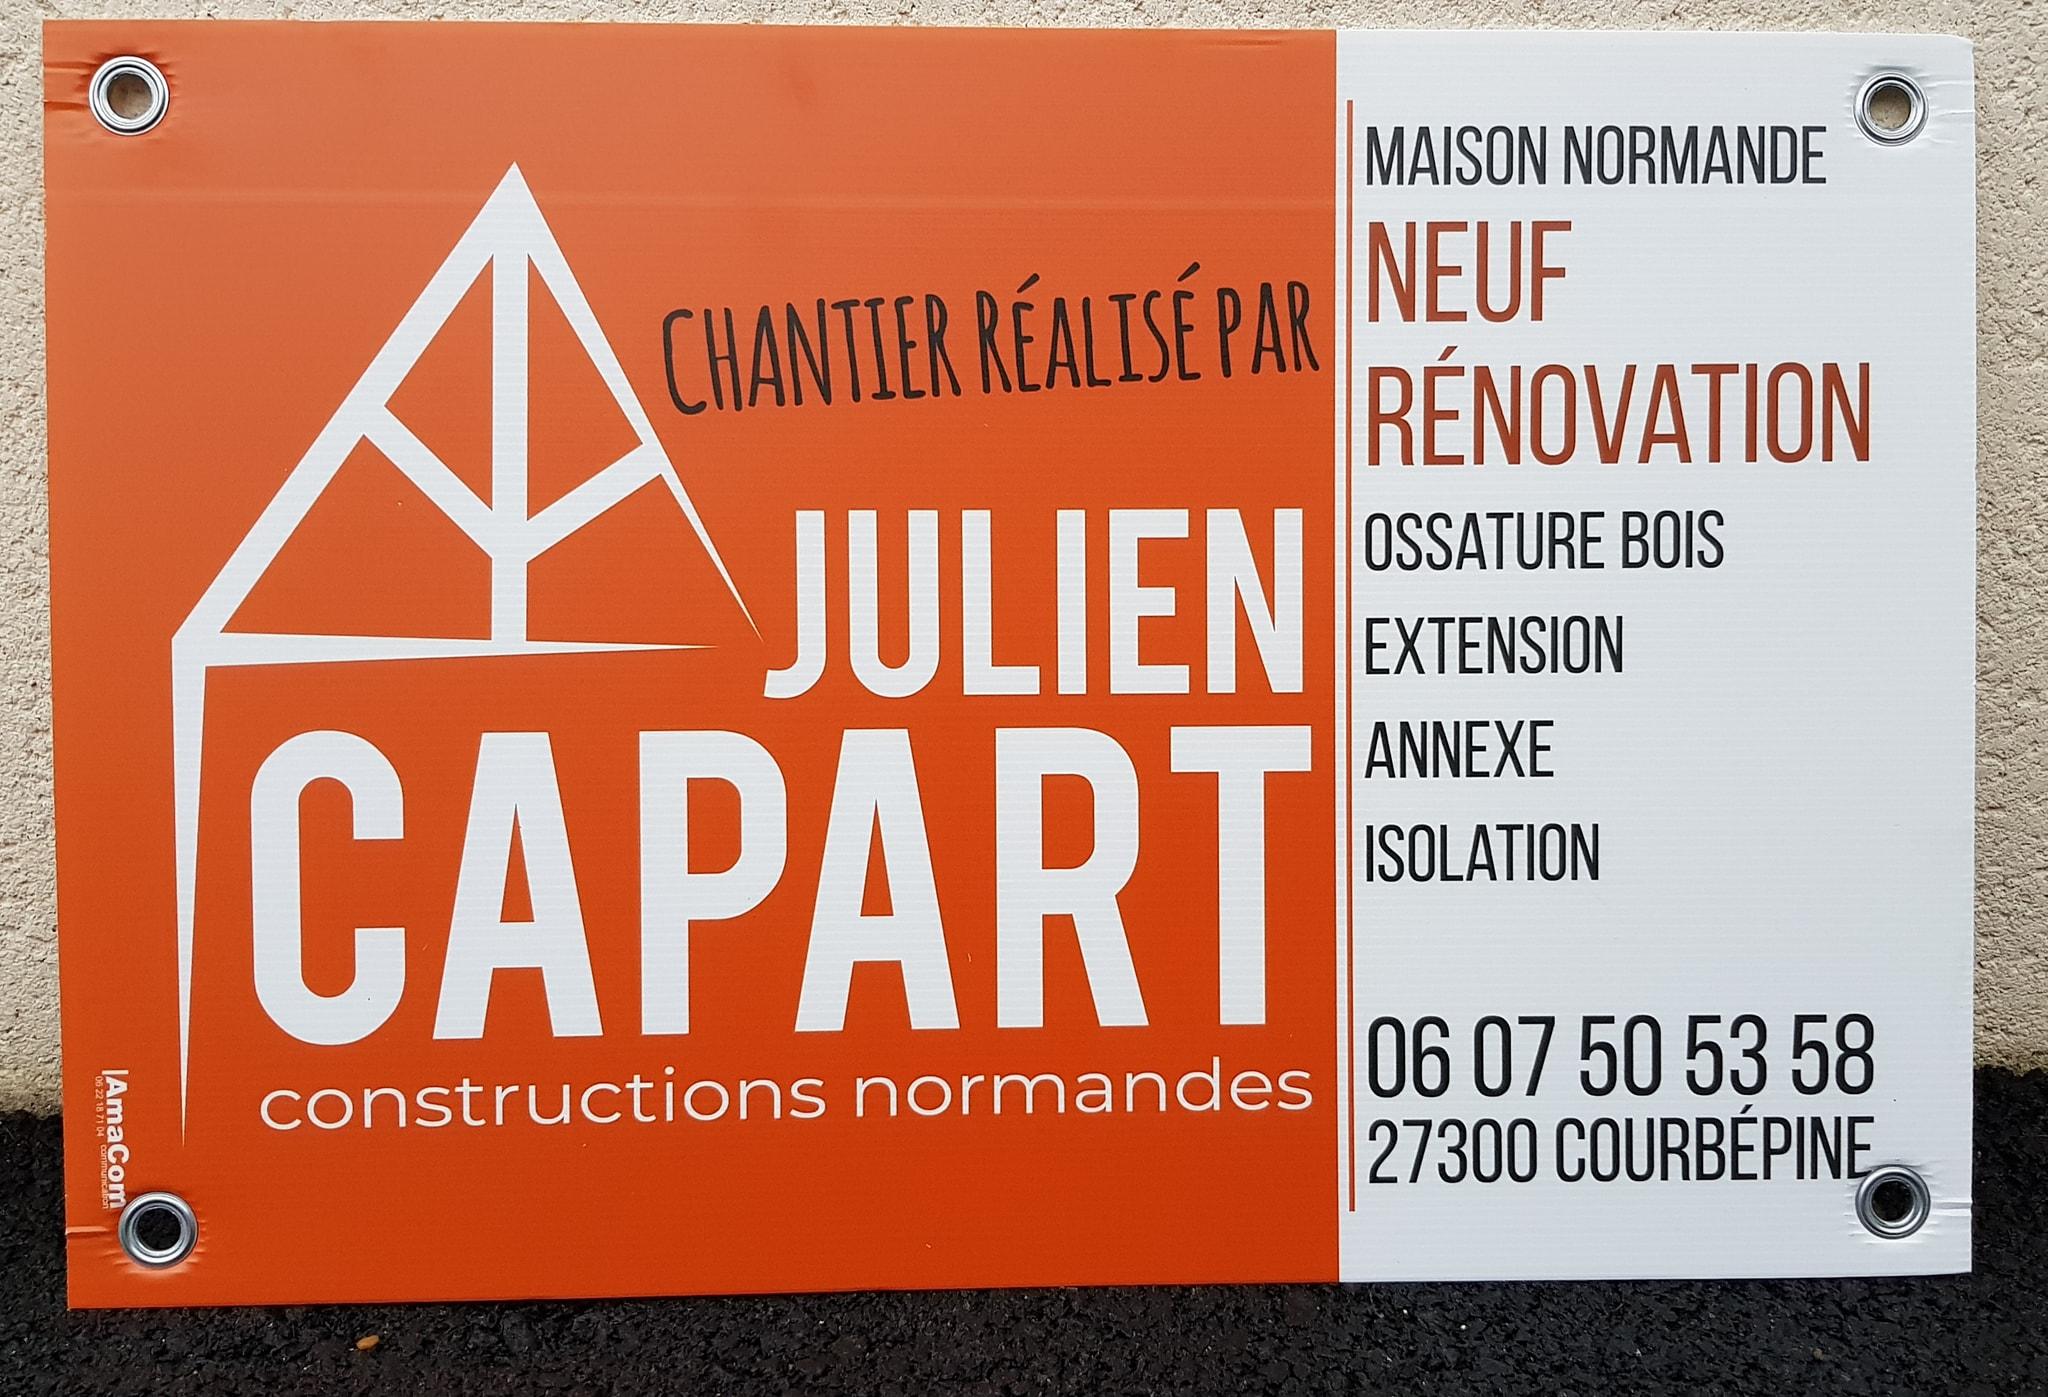 panneau de chantier akilux entreprise de construciton Capart à Courbépine près de Bernay Eure Normandie